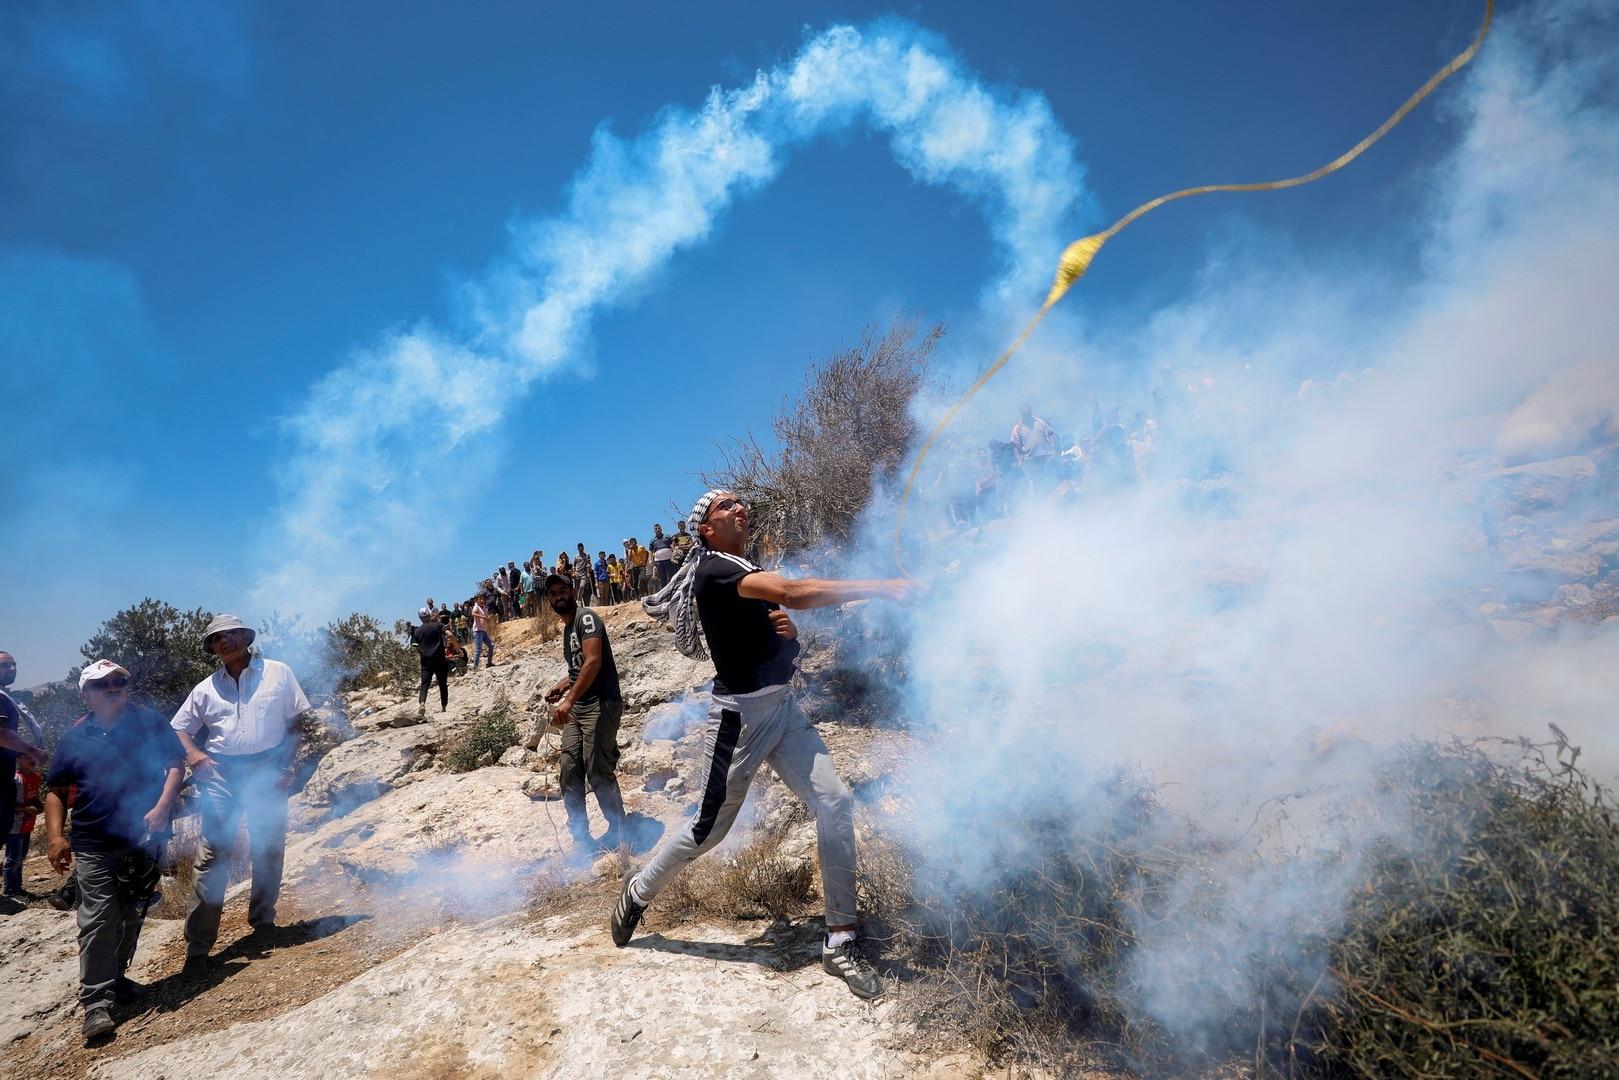 """اخترقت الرصاصة صدره.. استشهاد فلسطيني في نابلس يشعل مواجهات واسعة """"شاهد"""""""